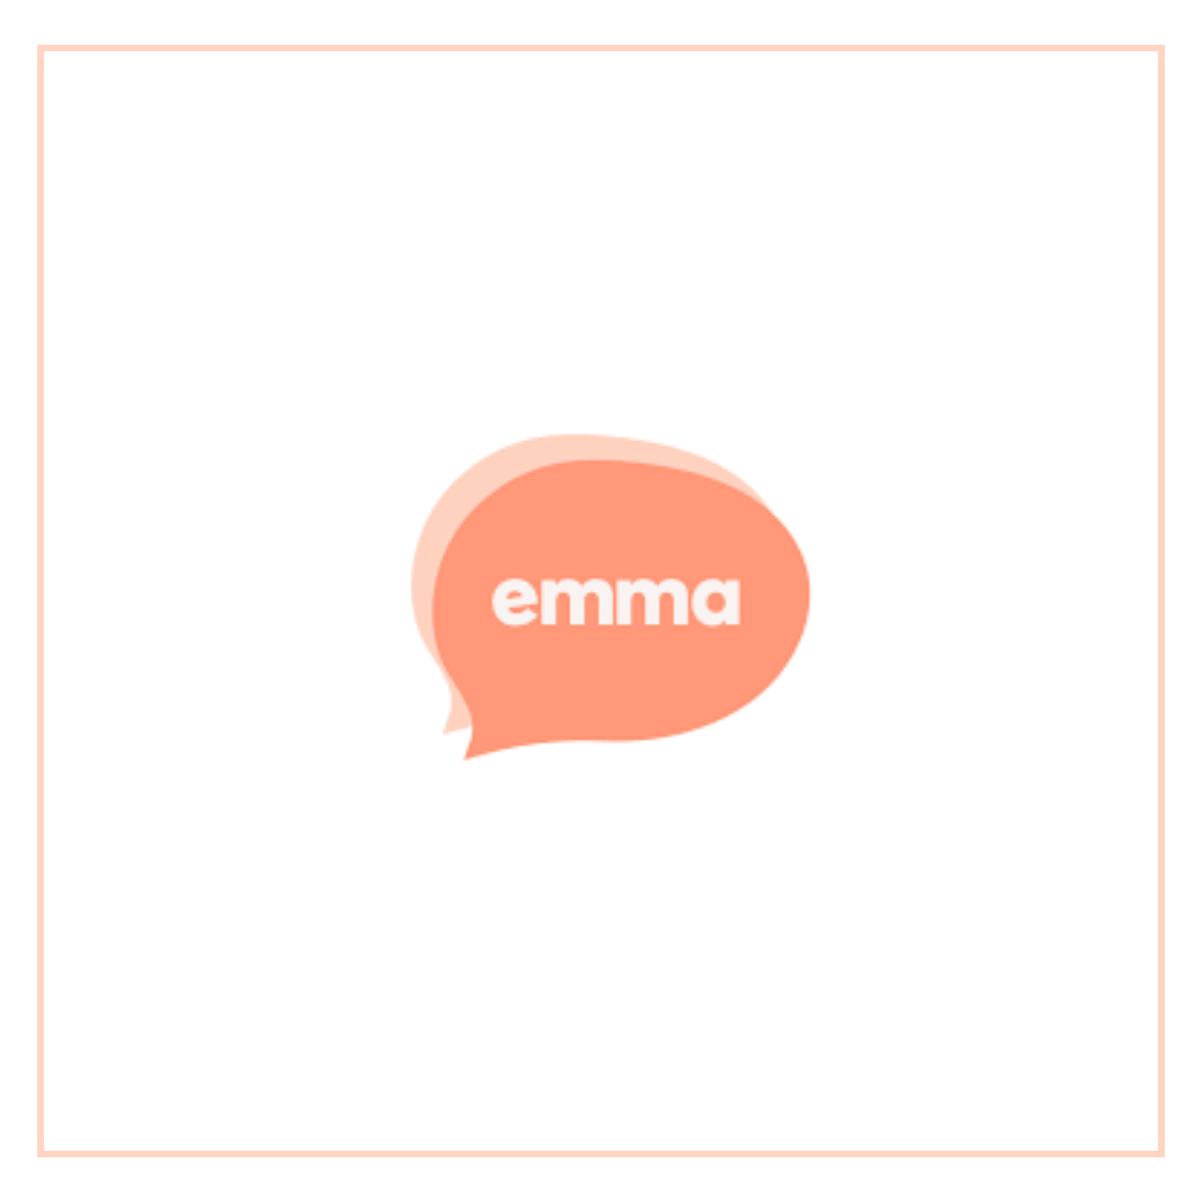 Emma — Rendre l'assurance vie plus accessible et abordable à tous